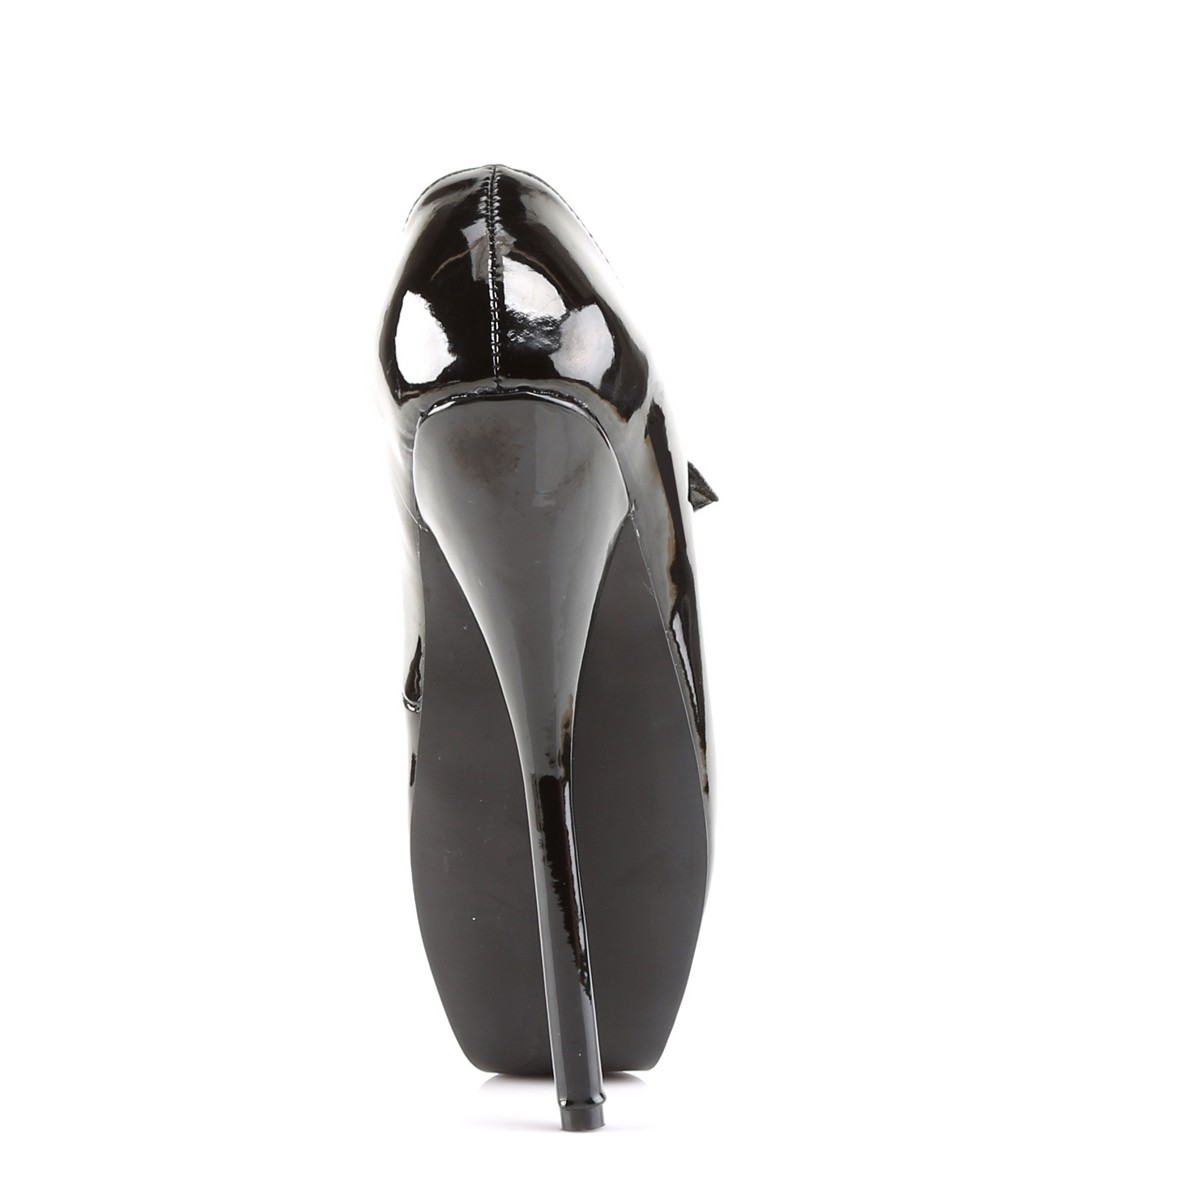 Sapato Ballet 08 - Devious (encomenda)